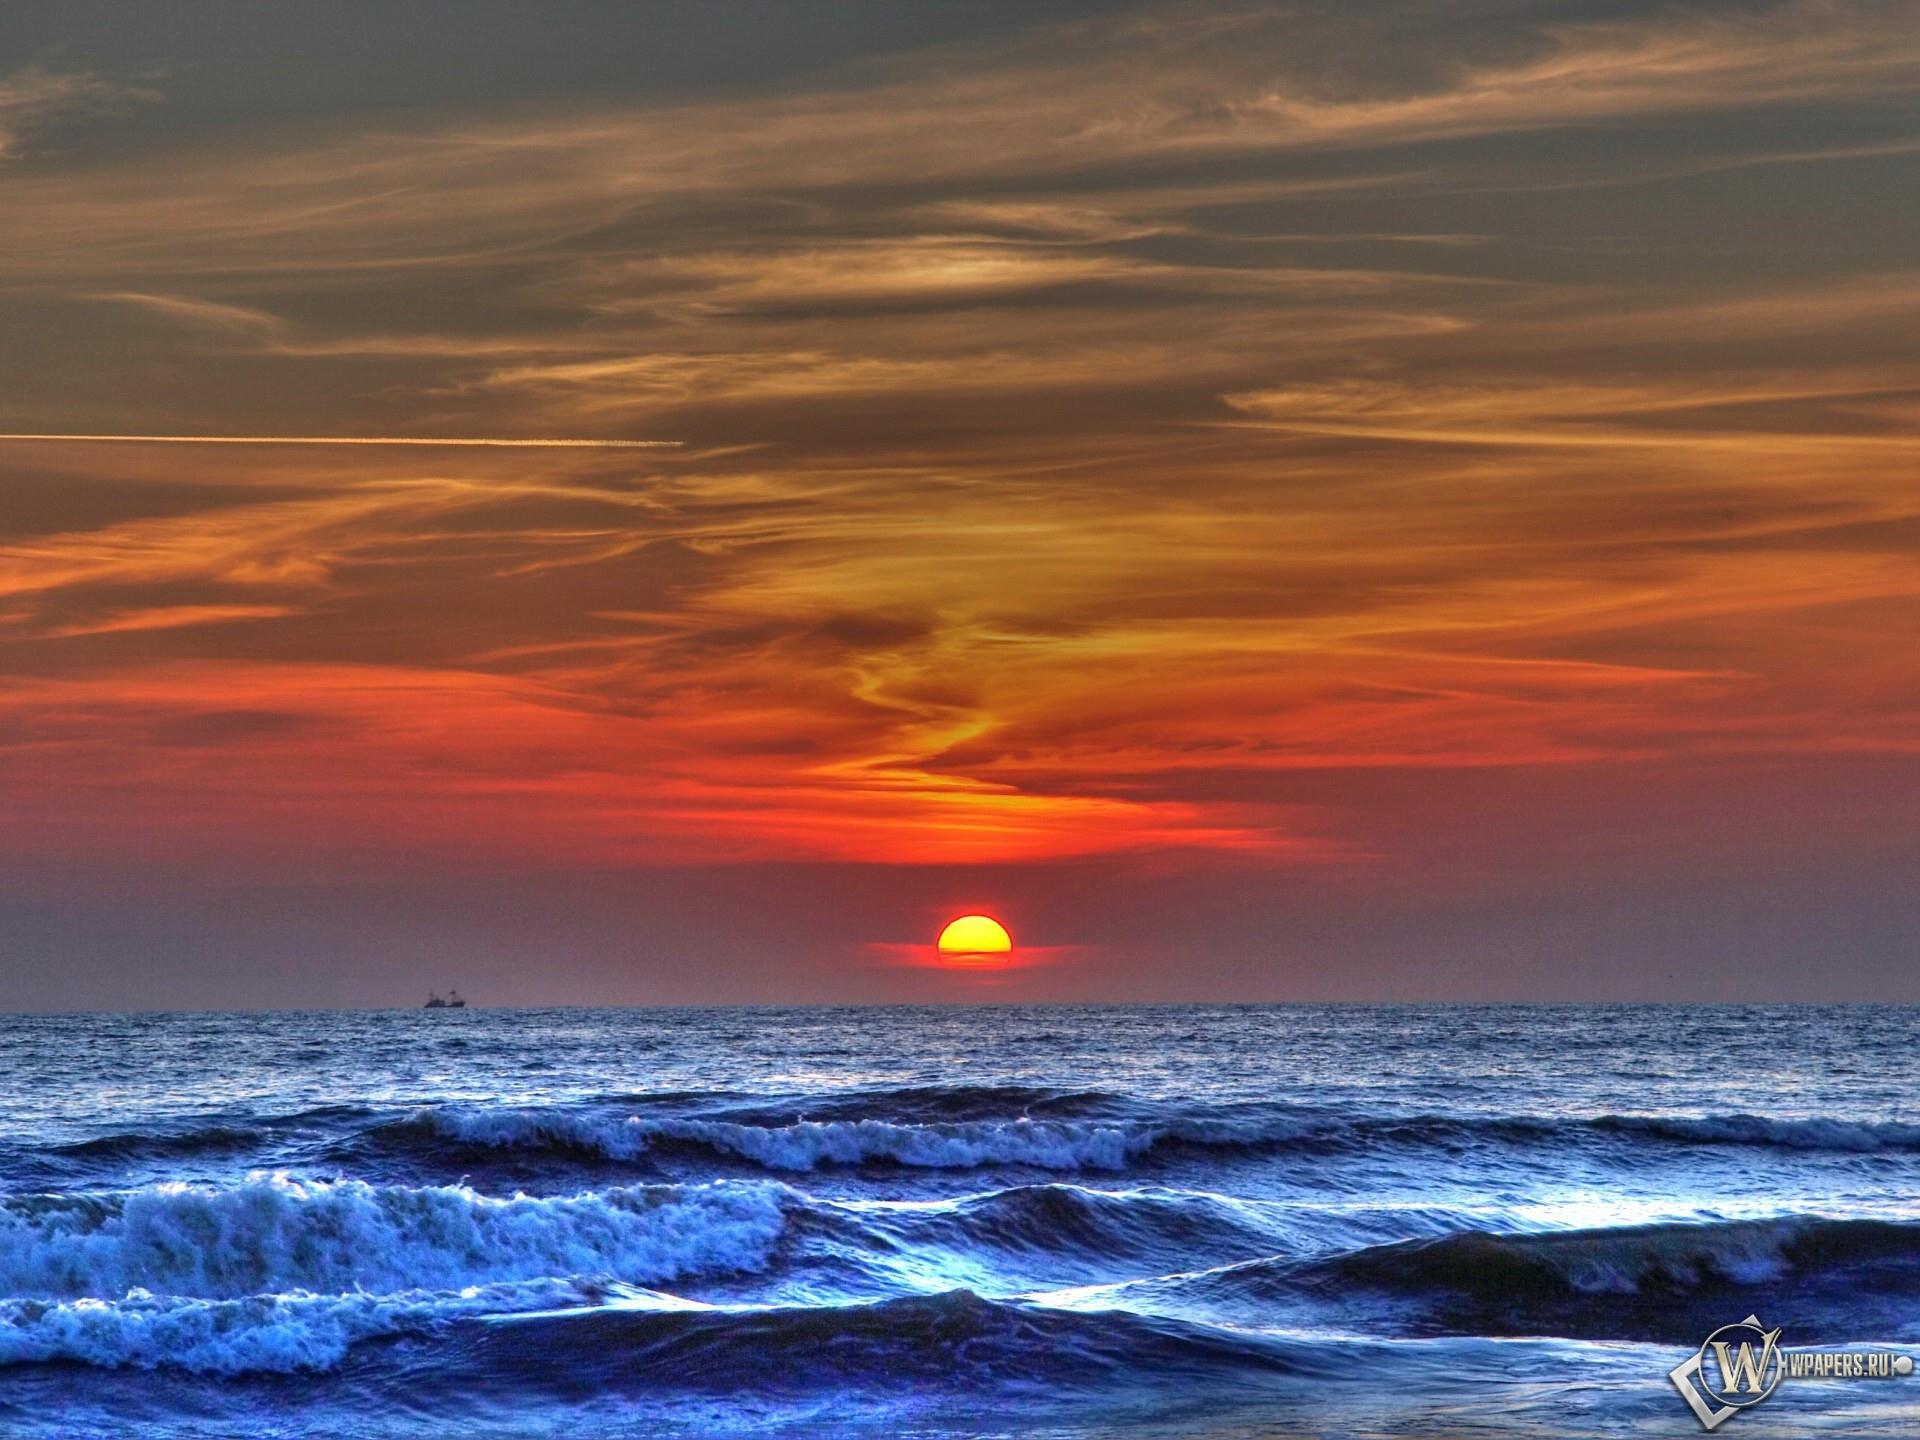 Море на закате 1920x1440